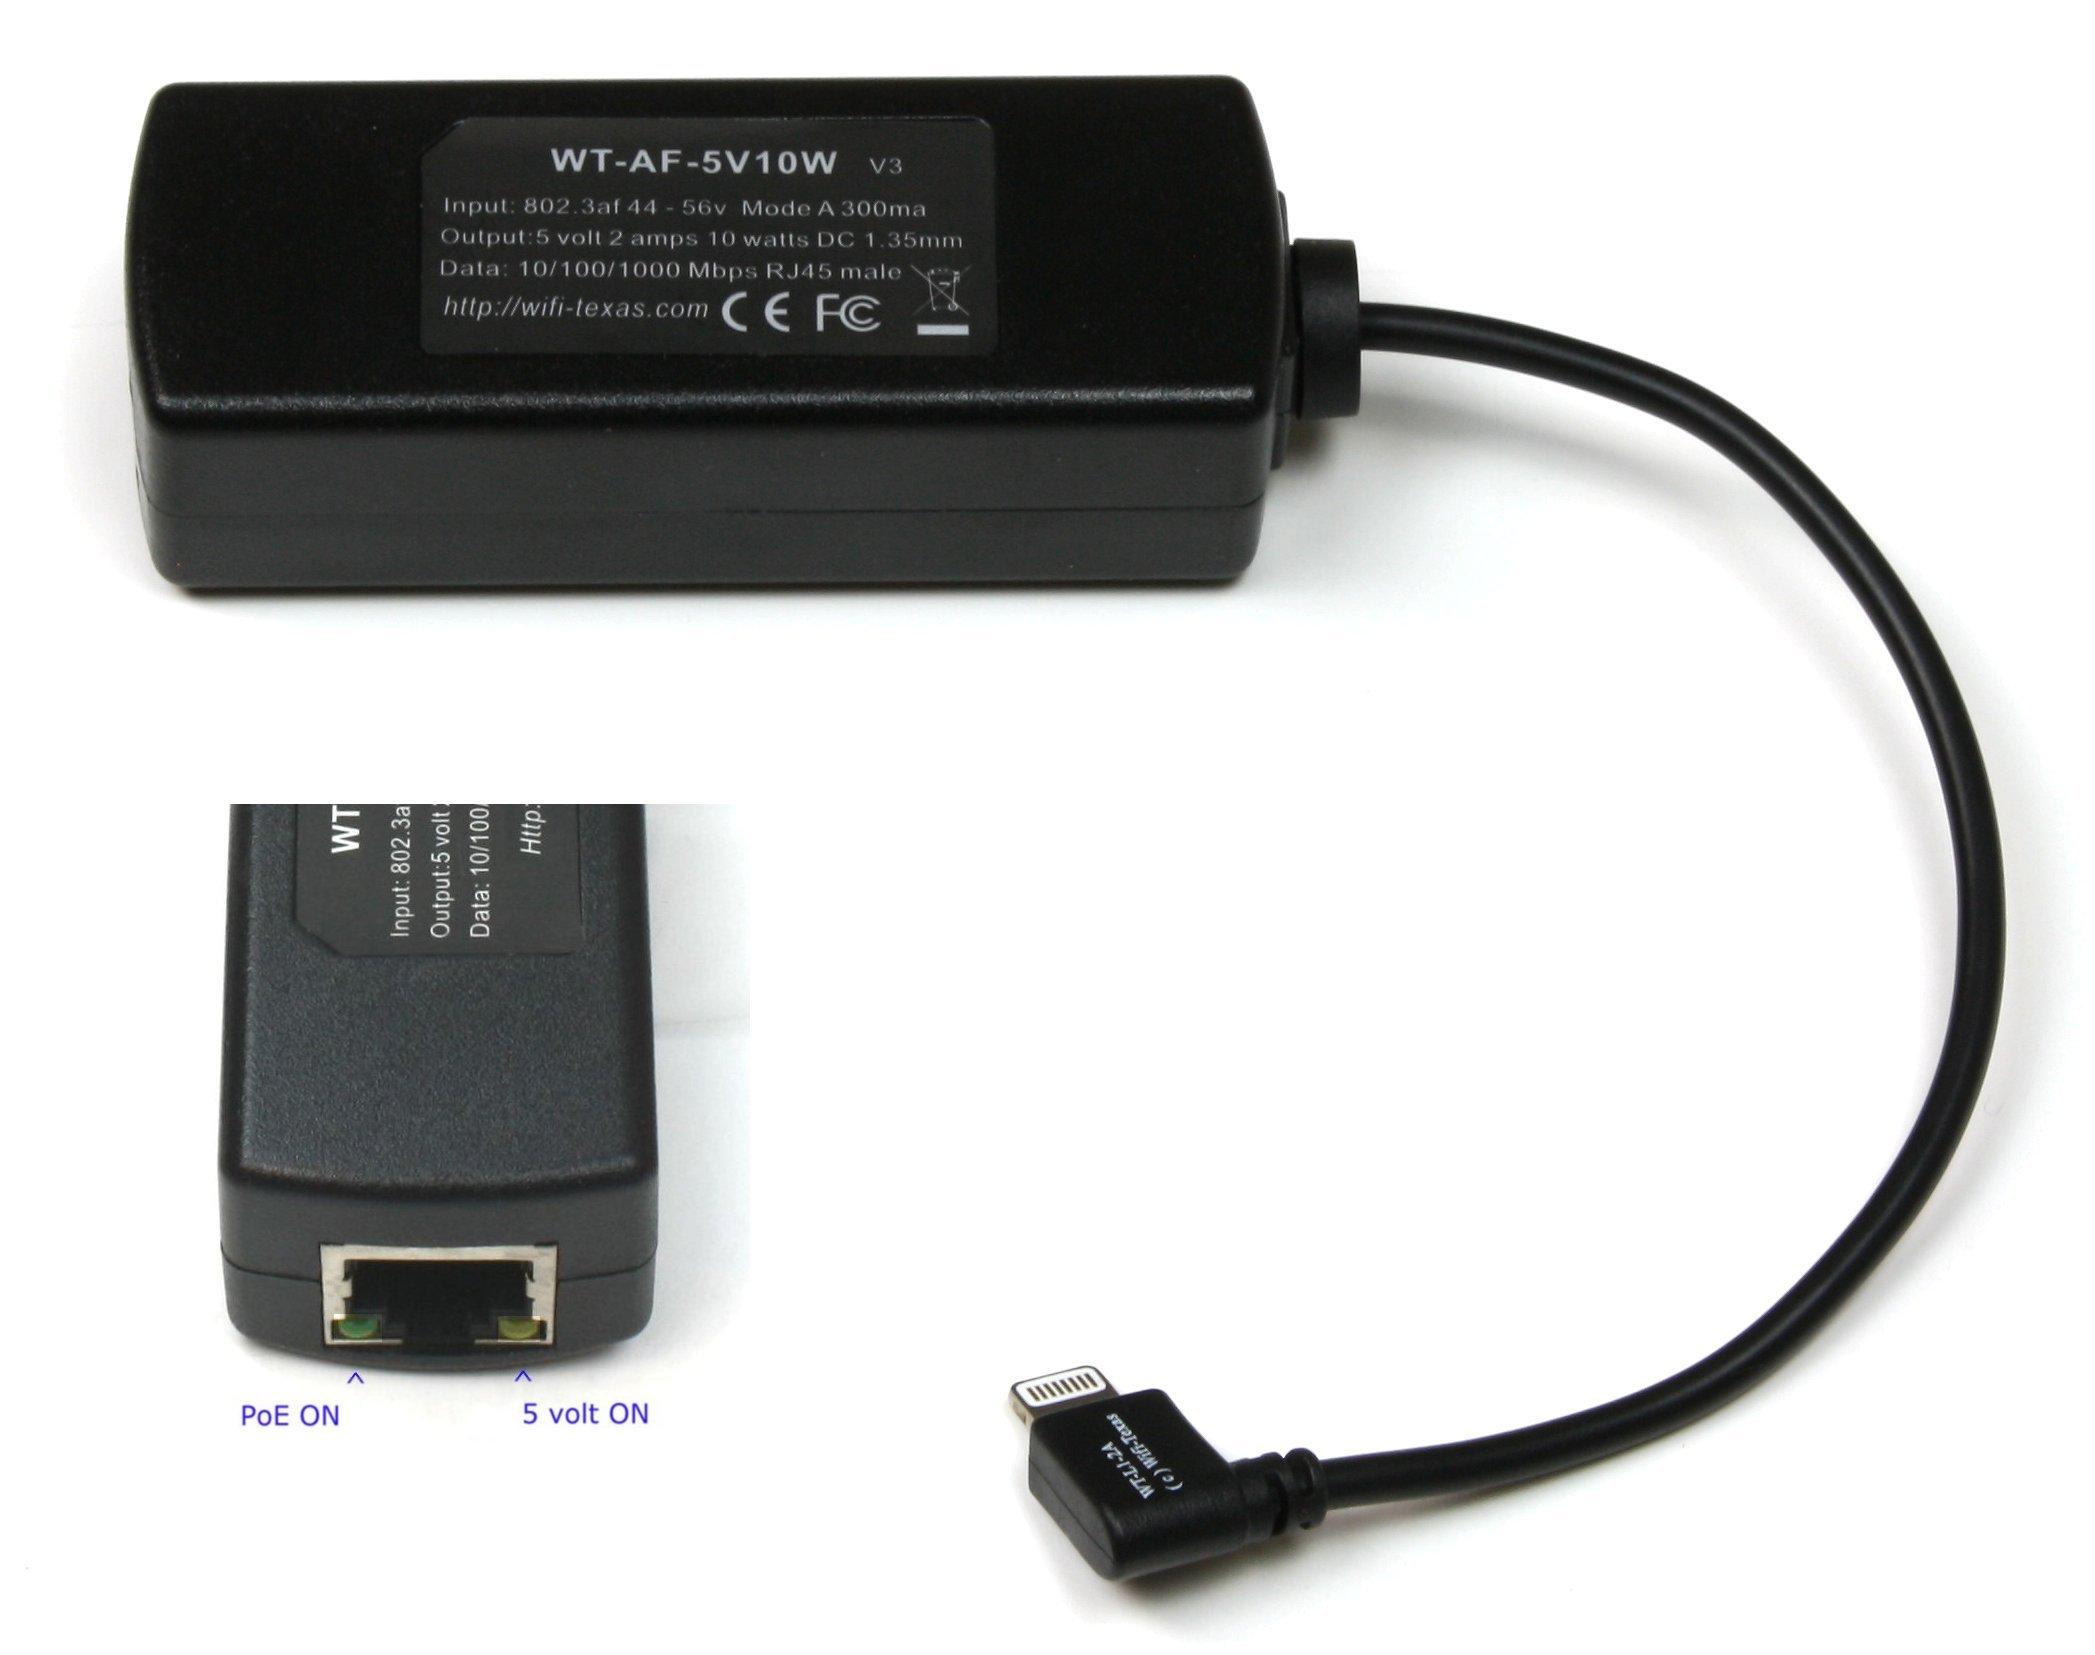 WT-AF-5v10w 802.3af PoE Splitter with 5 Volts Output Power Over Ethernet for or